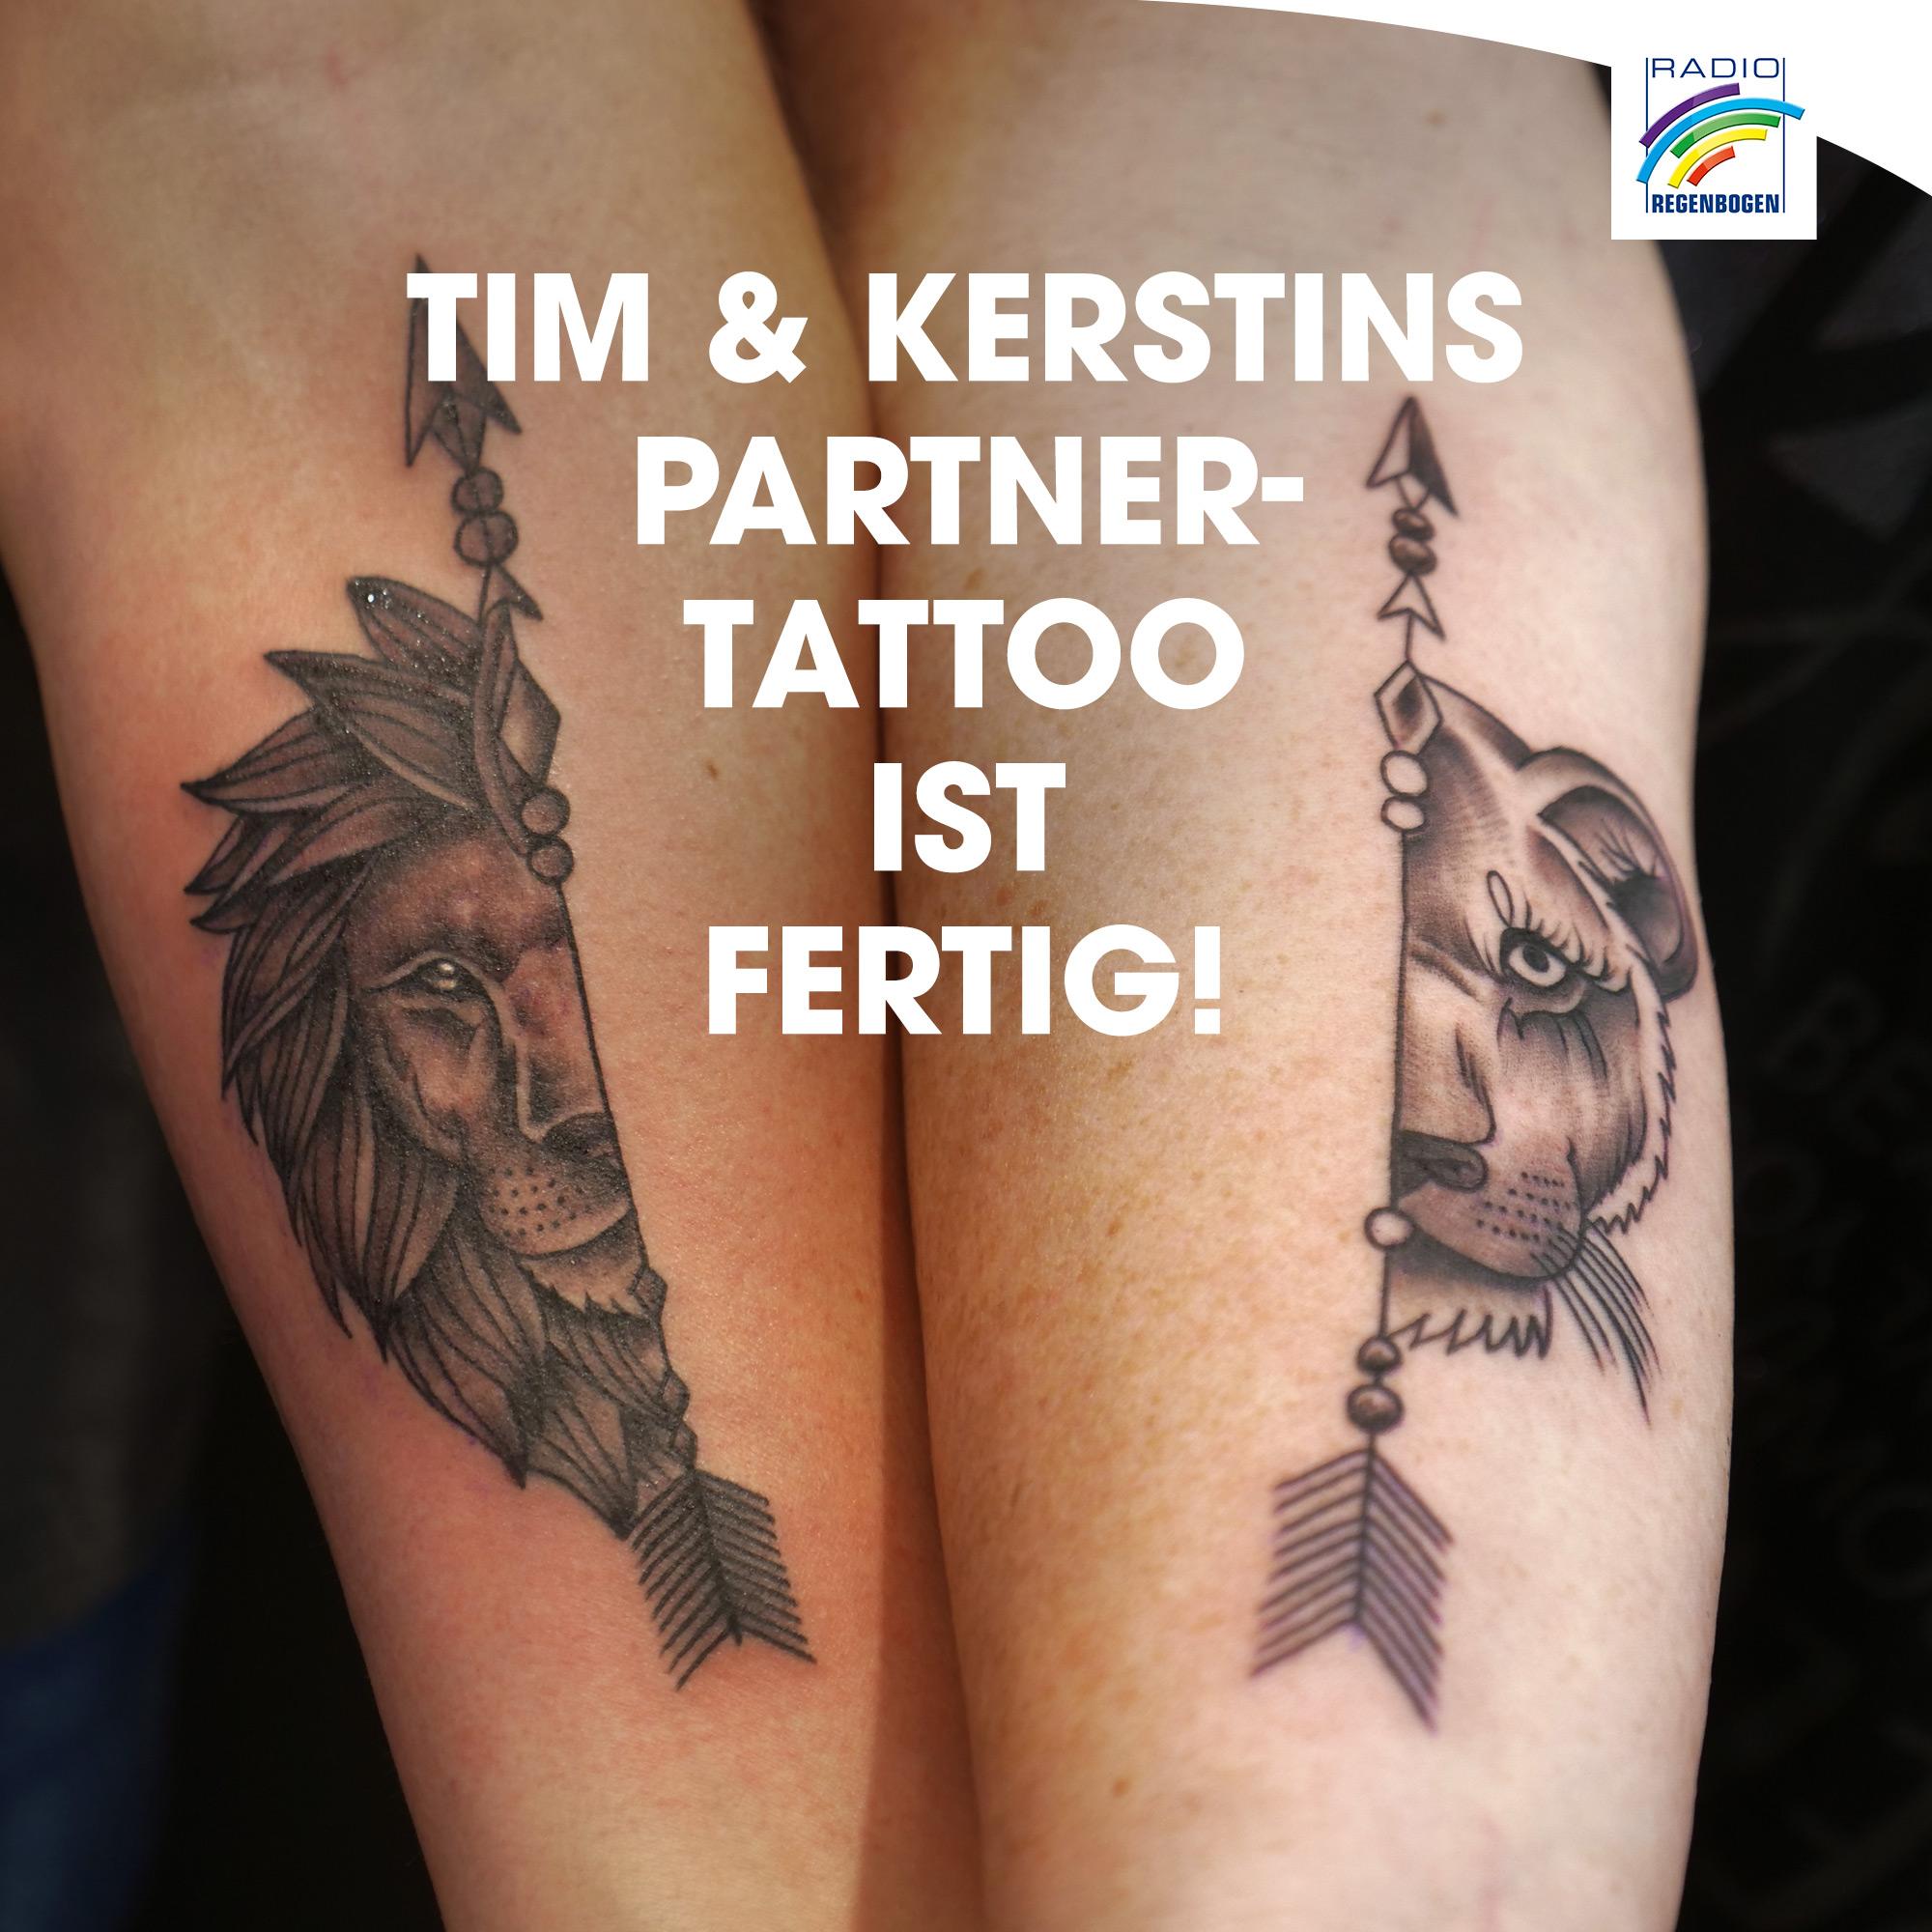 tattoo-fertigt.jpg